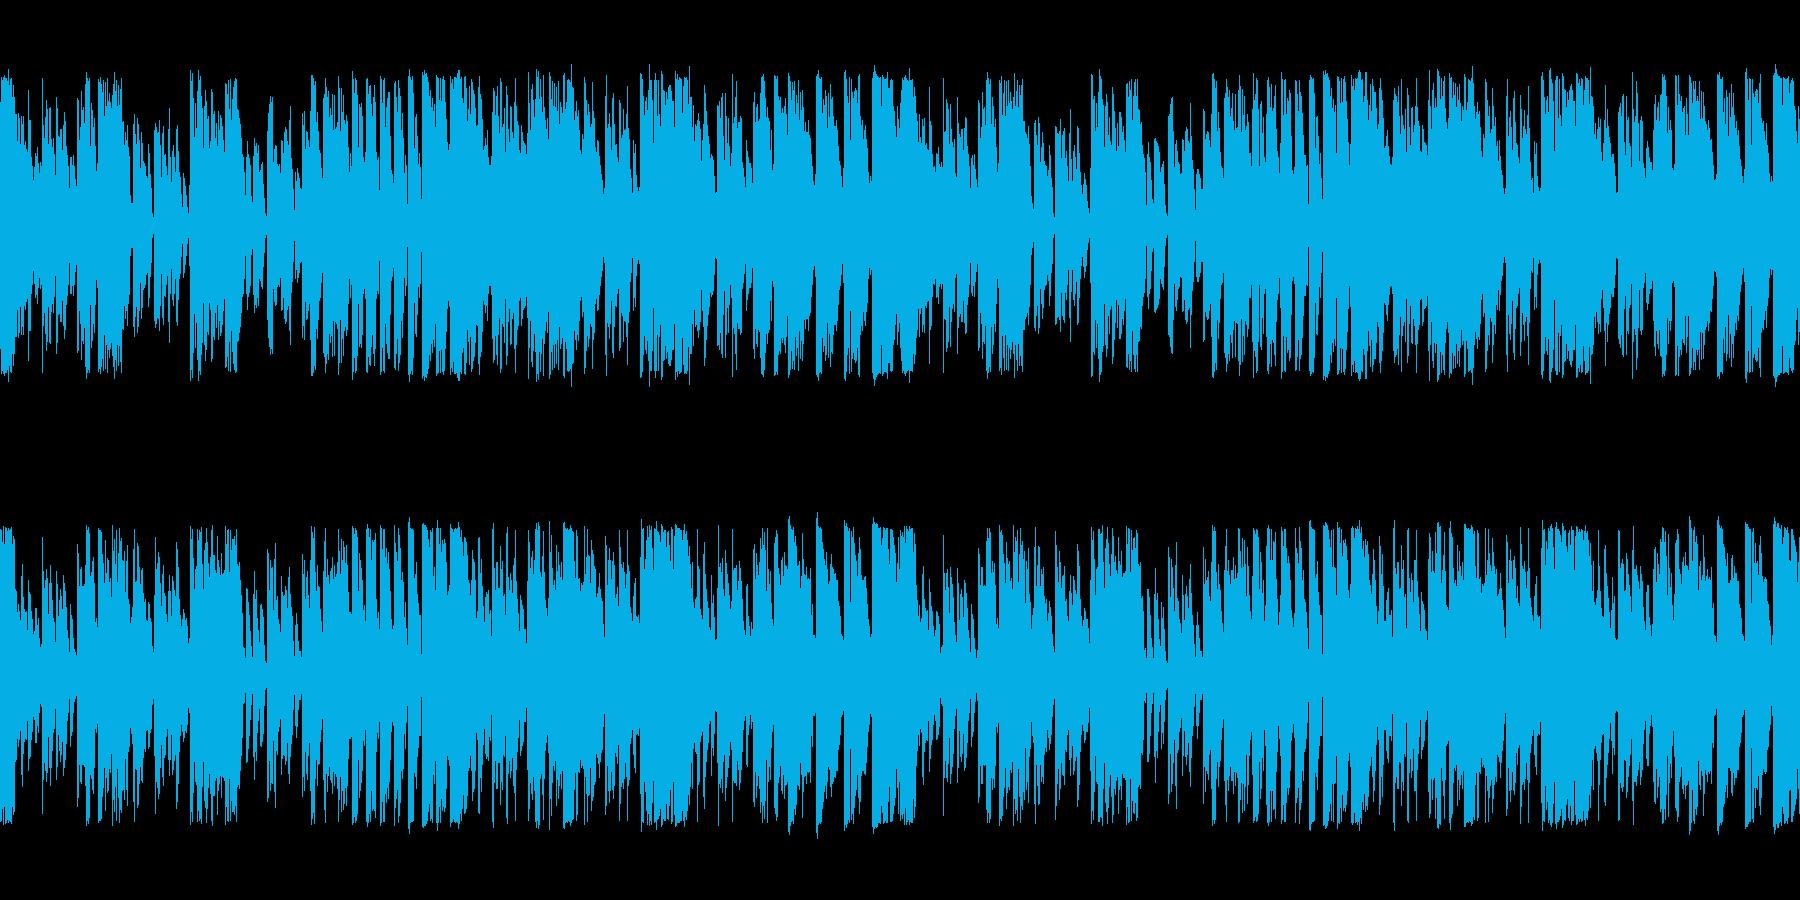 「シンセリードがアクセントのインスト」の再生済みの波形